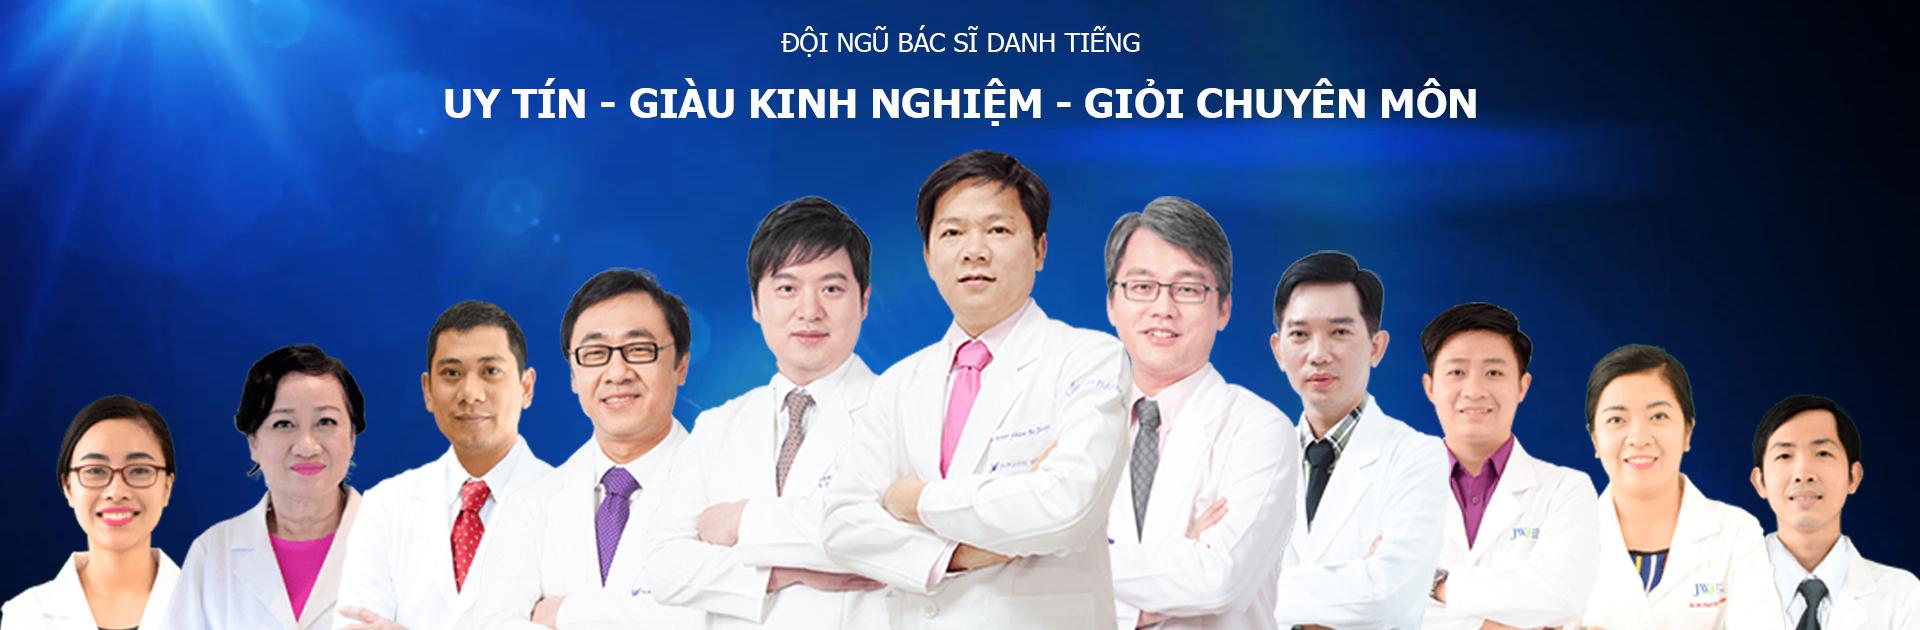 Bệnh viện thẩm mỹ uy tín